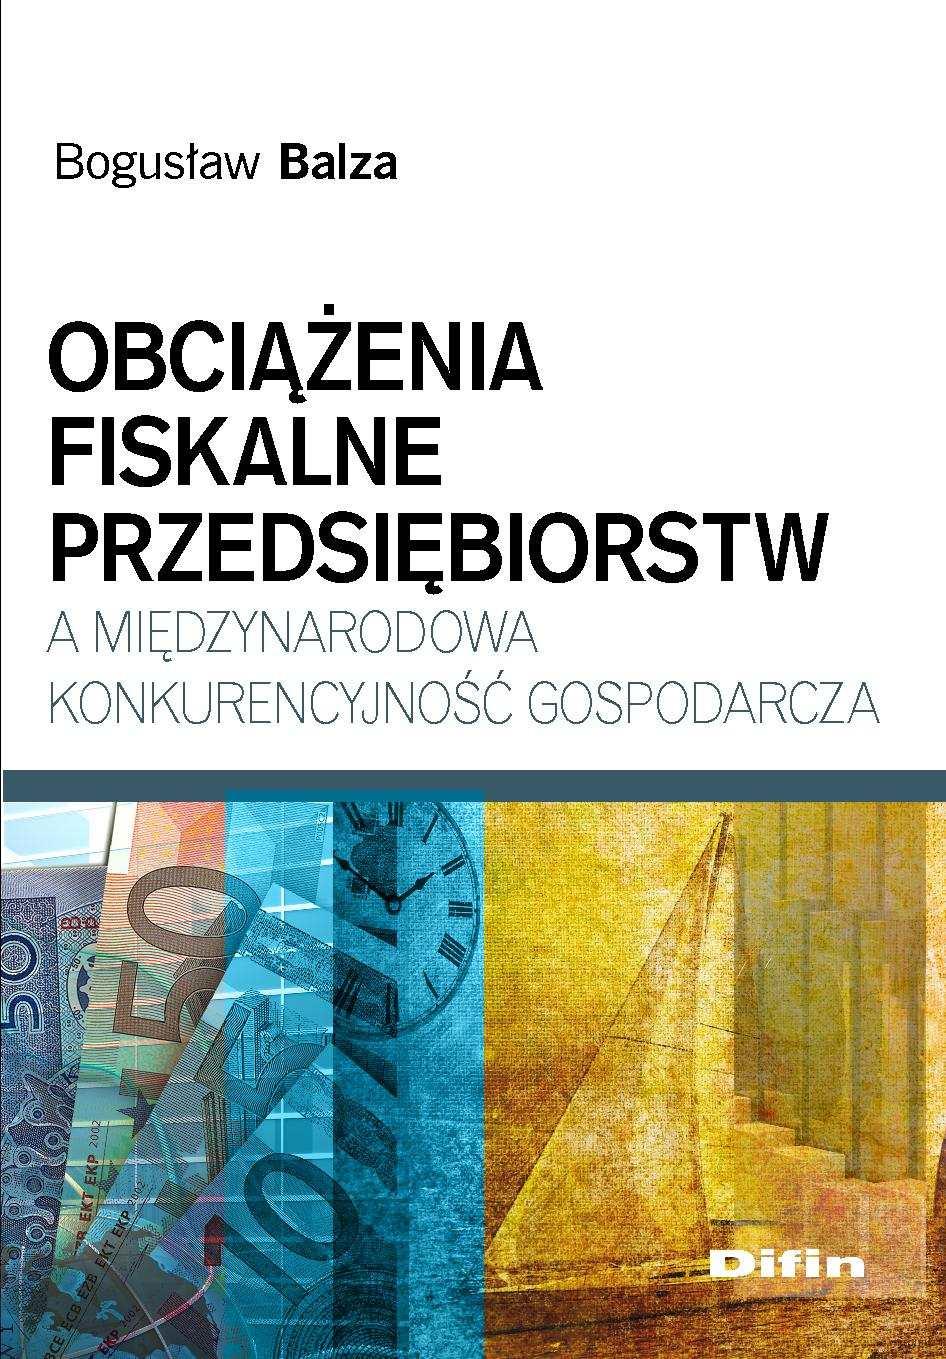 Obciążenia fiskalne przedsiębiorstw a międzynarodowa konkurencyjność gospodarcza - Ebook (Książka na Kindle) do pobrania w formacie MOBI